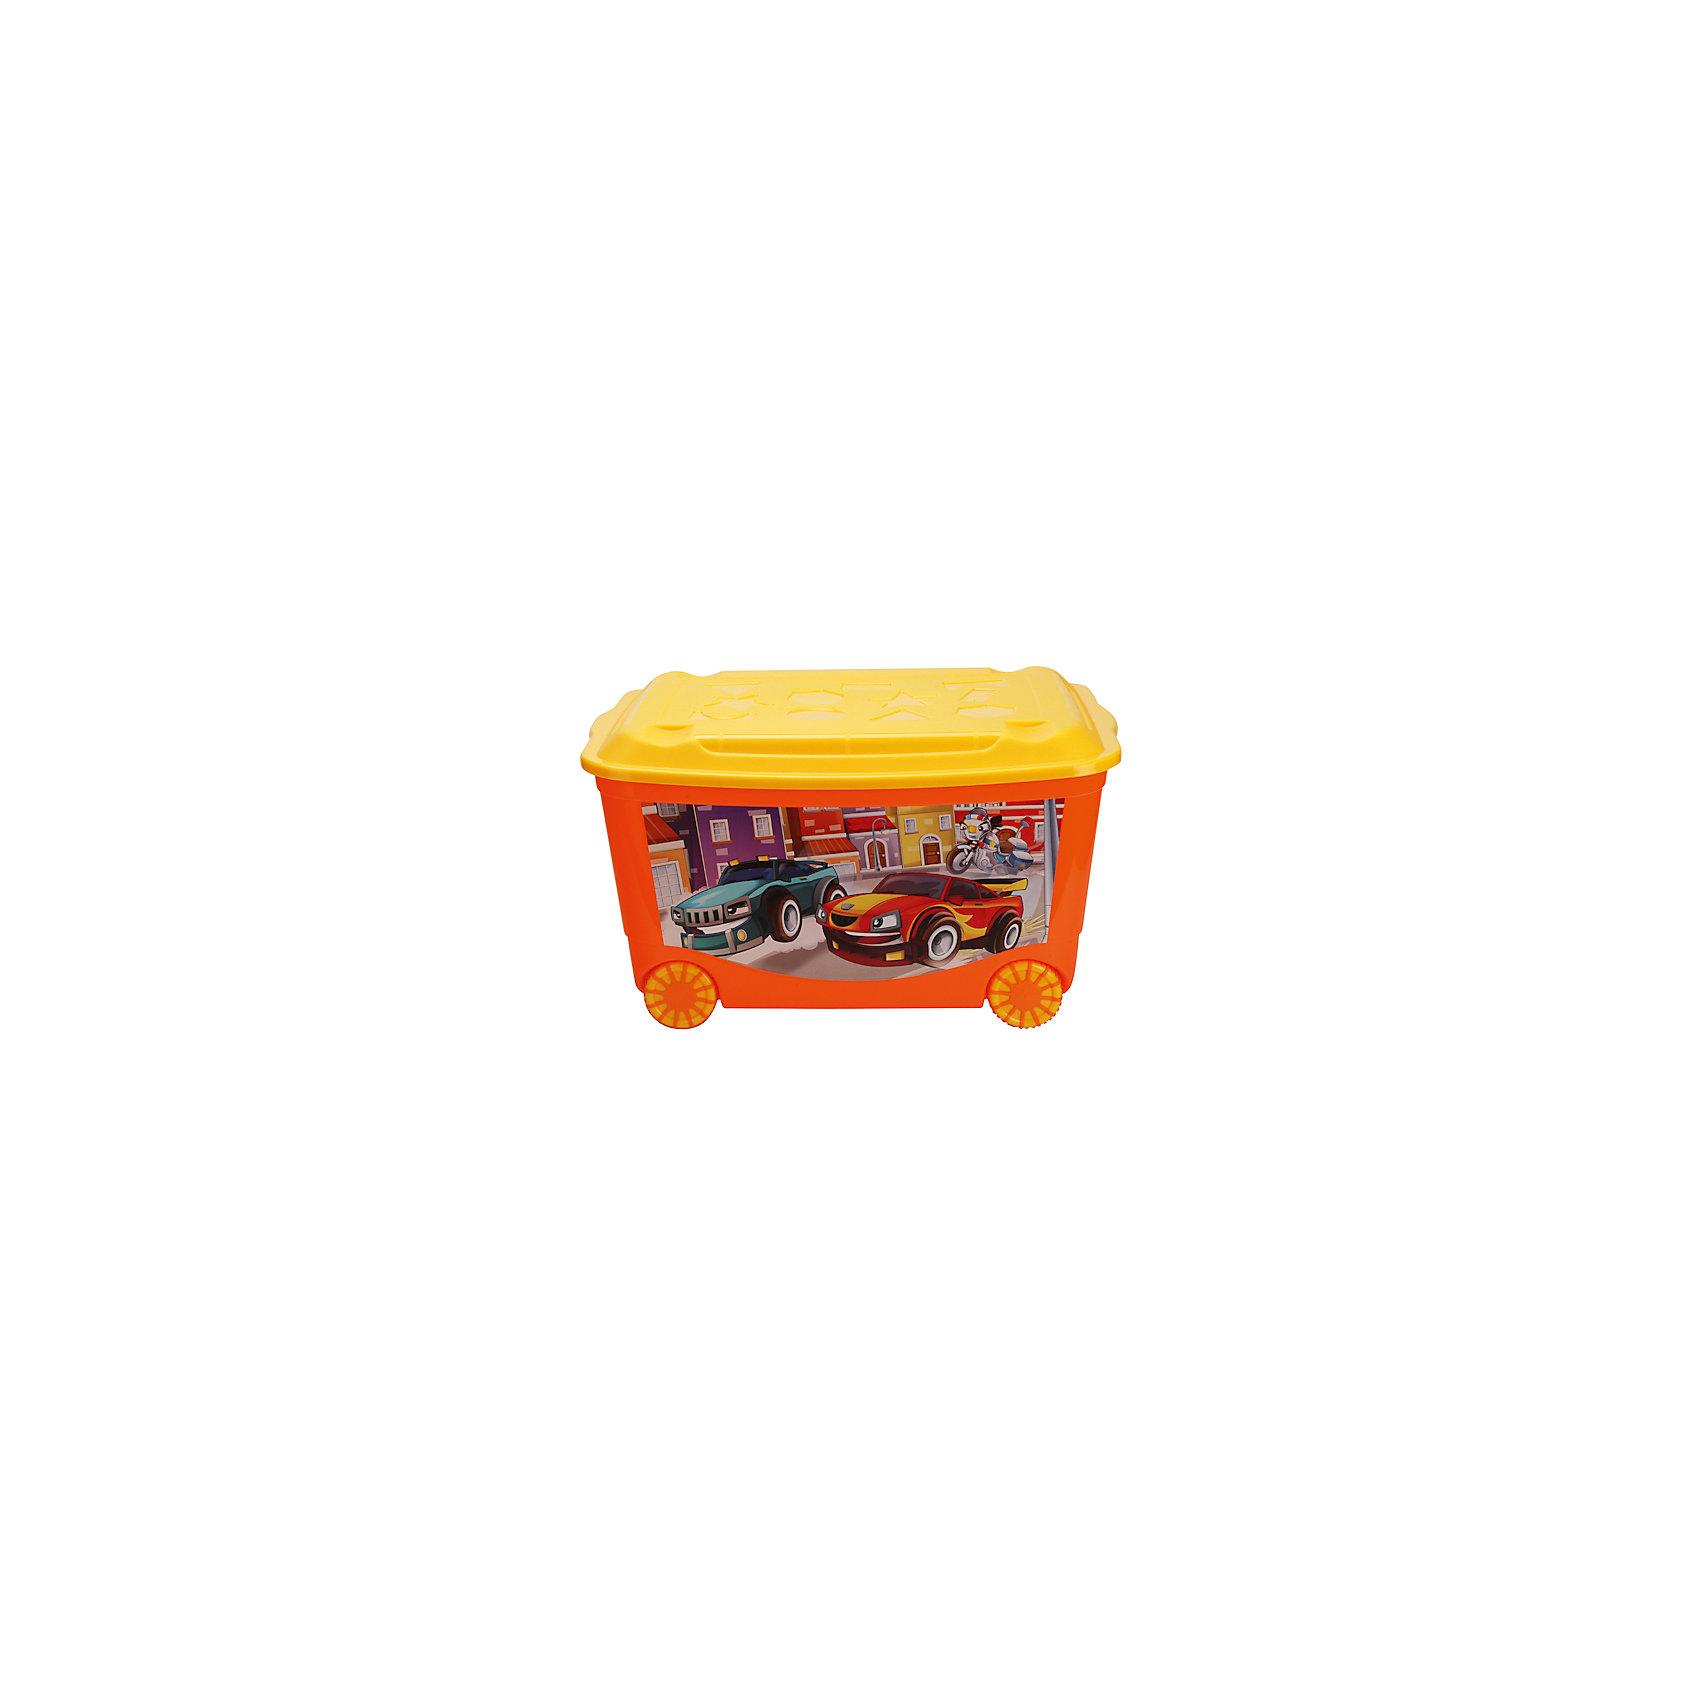 Ящик для игрушек на колесах 580х390х335 мм, Пластишка, красныйЯщик для игрушек на колесах 580х390х335 мм, Пластишка, красный - позволит приучить ребенка к уборке.<br>Контейнер изготовлен из качественного пластика, не токсичен для малышей. Вместительный, но в тоже время очень компактный ящик с крышечкой. Подойдет для упаковки игрушек, одежды, аксессуаров. Благодаря колесикам легко перемещается по комнате. Легкое скольжение позволит малышу самому привозить и увозить ящик.<br><br>Дополнительная информация: <br><br>- материал: полипропилен<br>- цвет: красный<br>- размер: 580*390*335 мм<br><br>Ящик для игрушек на колесах 580х390х335 мм, Пластишка, красный можно купить в нашем интернет магазине.<br><br>Ширина мм: 580<br>Глубина мм: 400<br>Высота мм: 630<br>Вес г: 1679<br>Возраст от месяцев: 12<br>Возраст до месяцев: 72<br>Пол: Унисекс<br>Возраст: Детский<br>SKU: 4972216